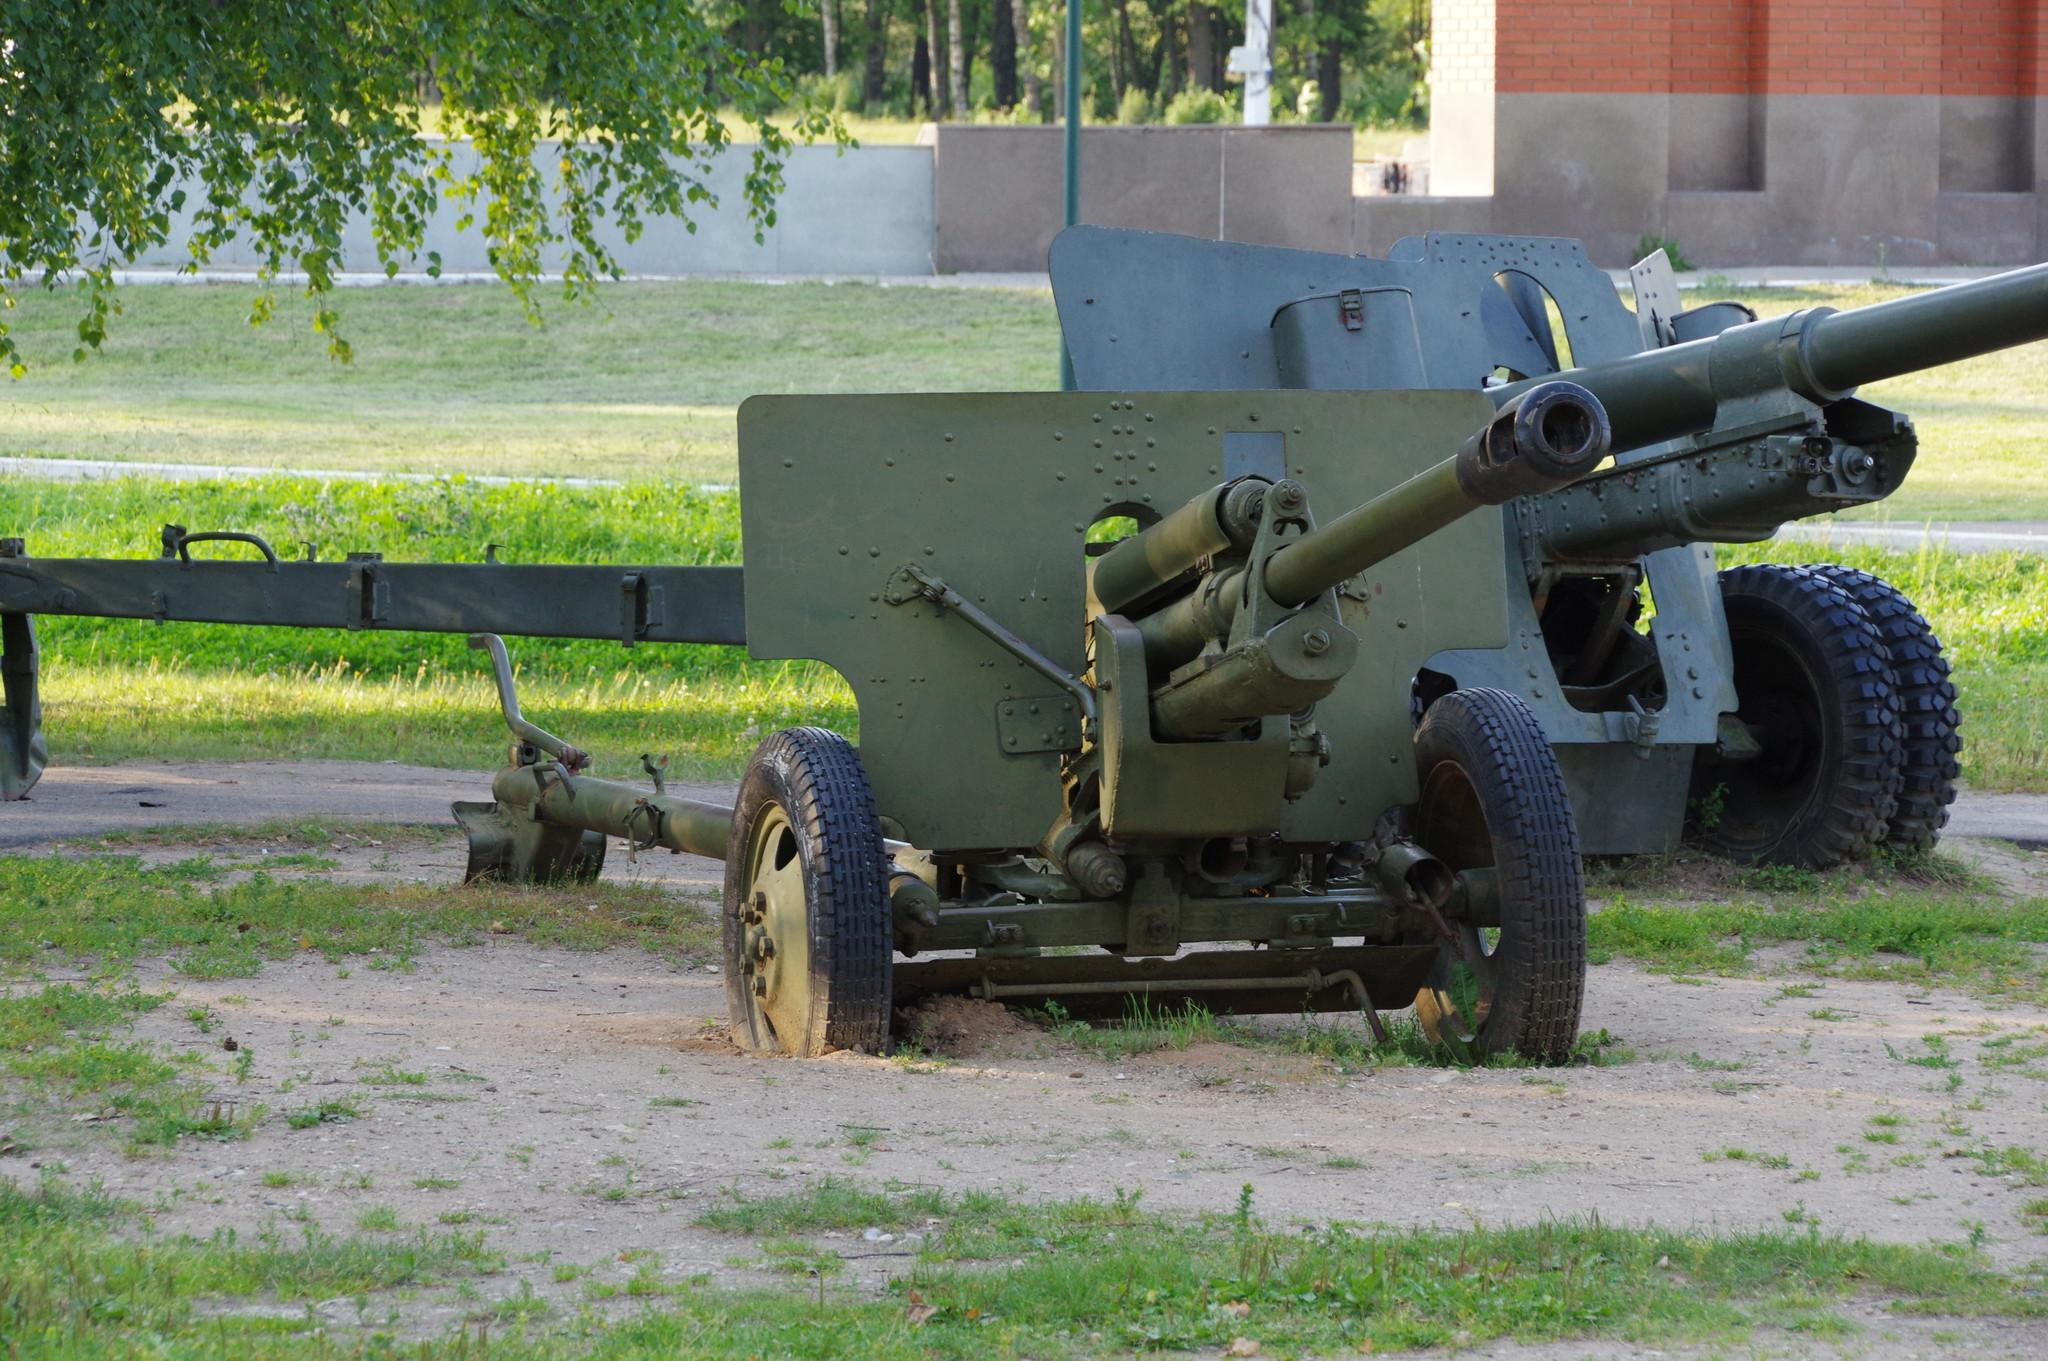 76-мм дивизионная пушка обр. 1942 г. (ЗИС-3). Ленино-Снегирёвский военно-исторический музей